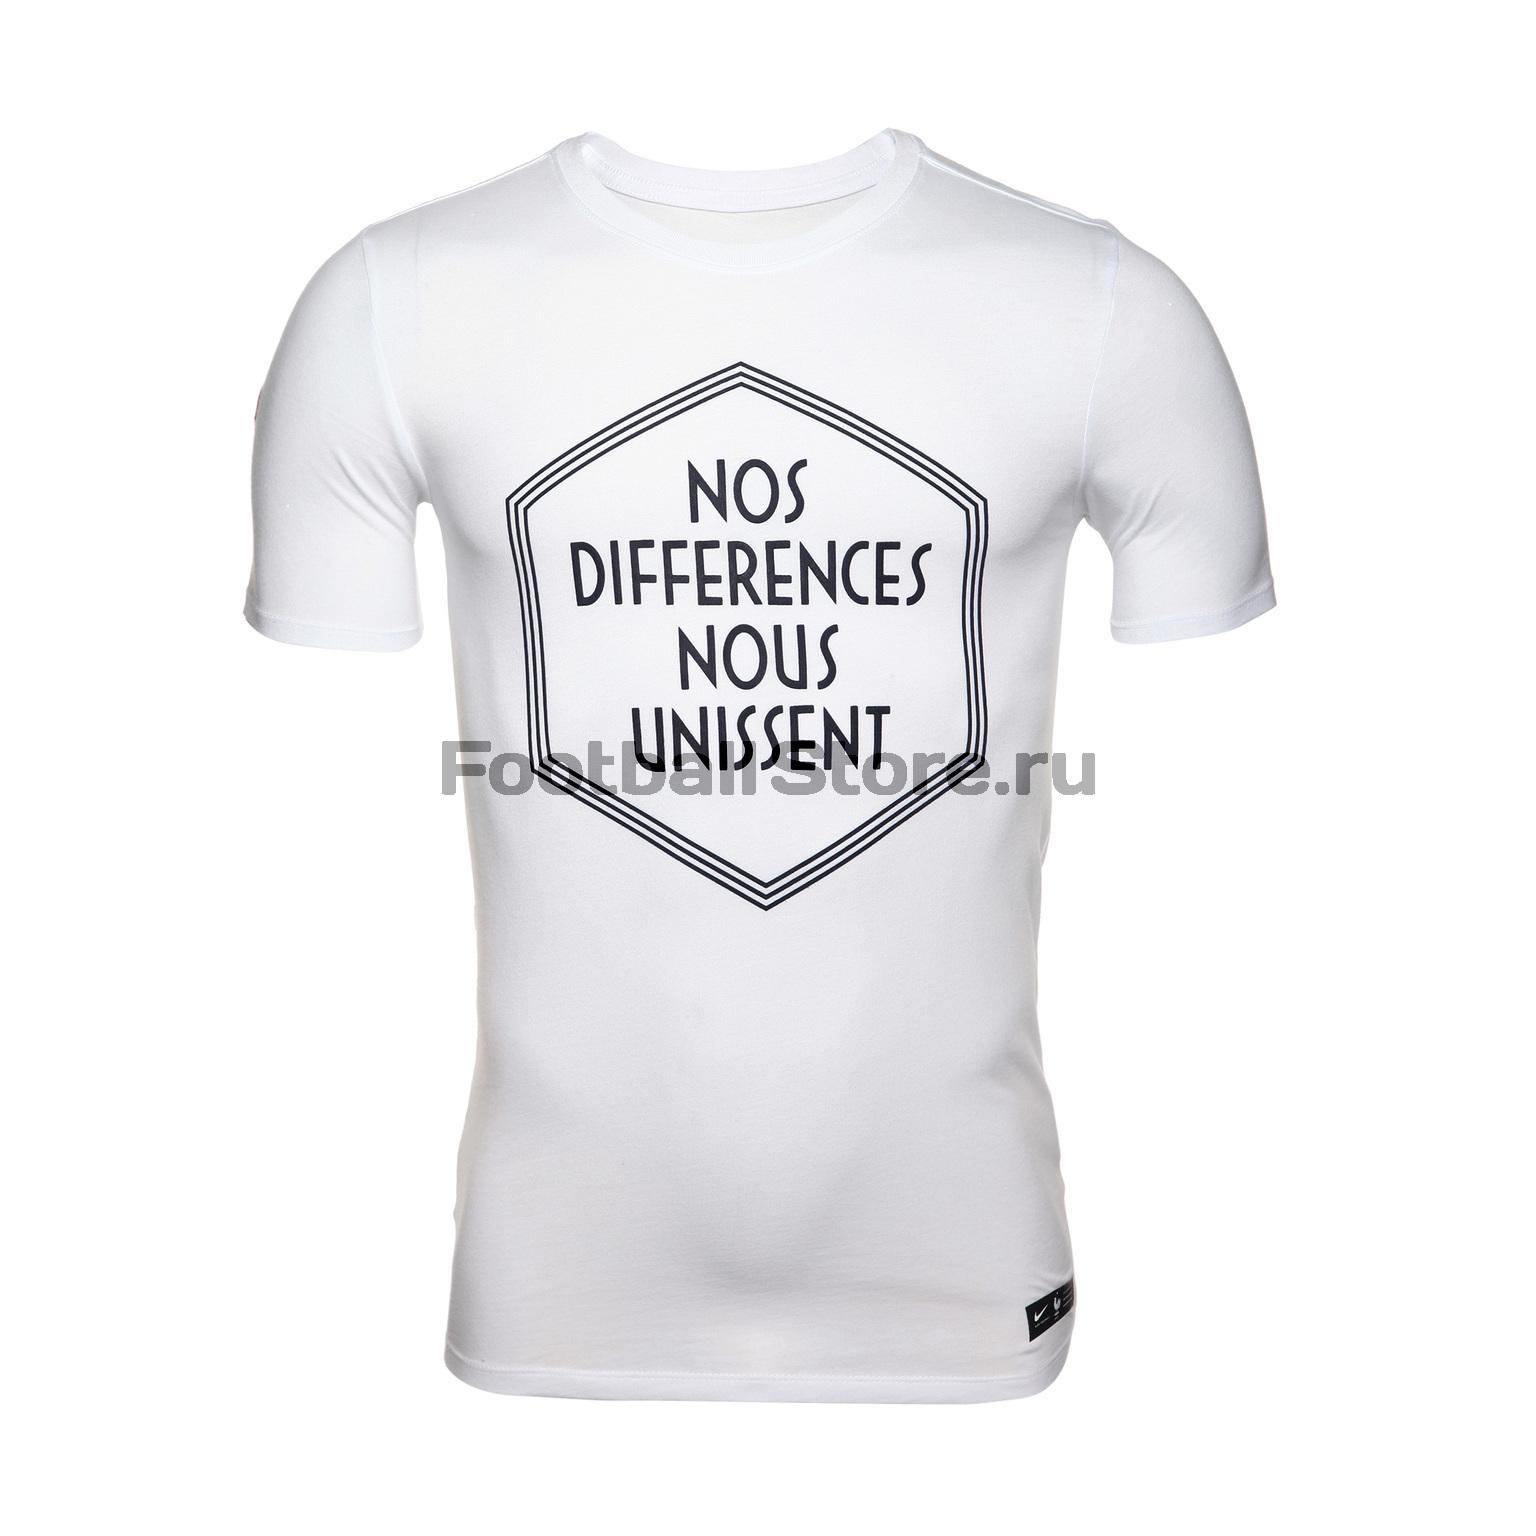 Футболка Nike сборной Франции 888834-100 цена